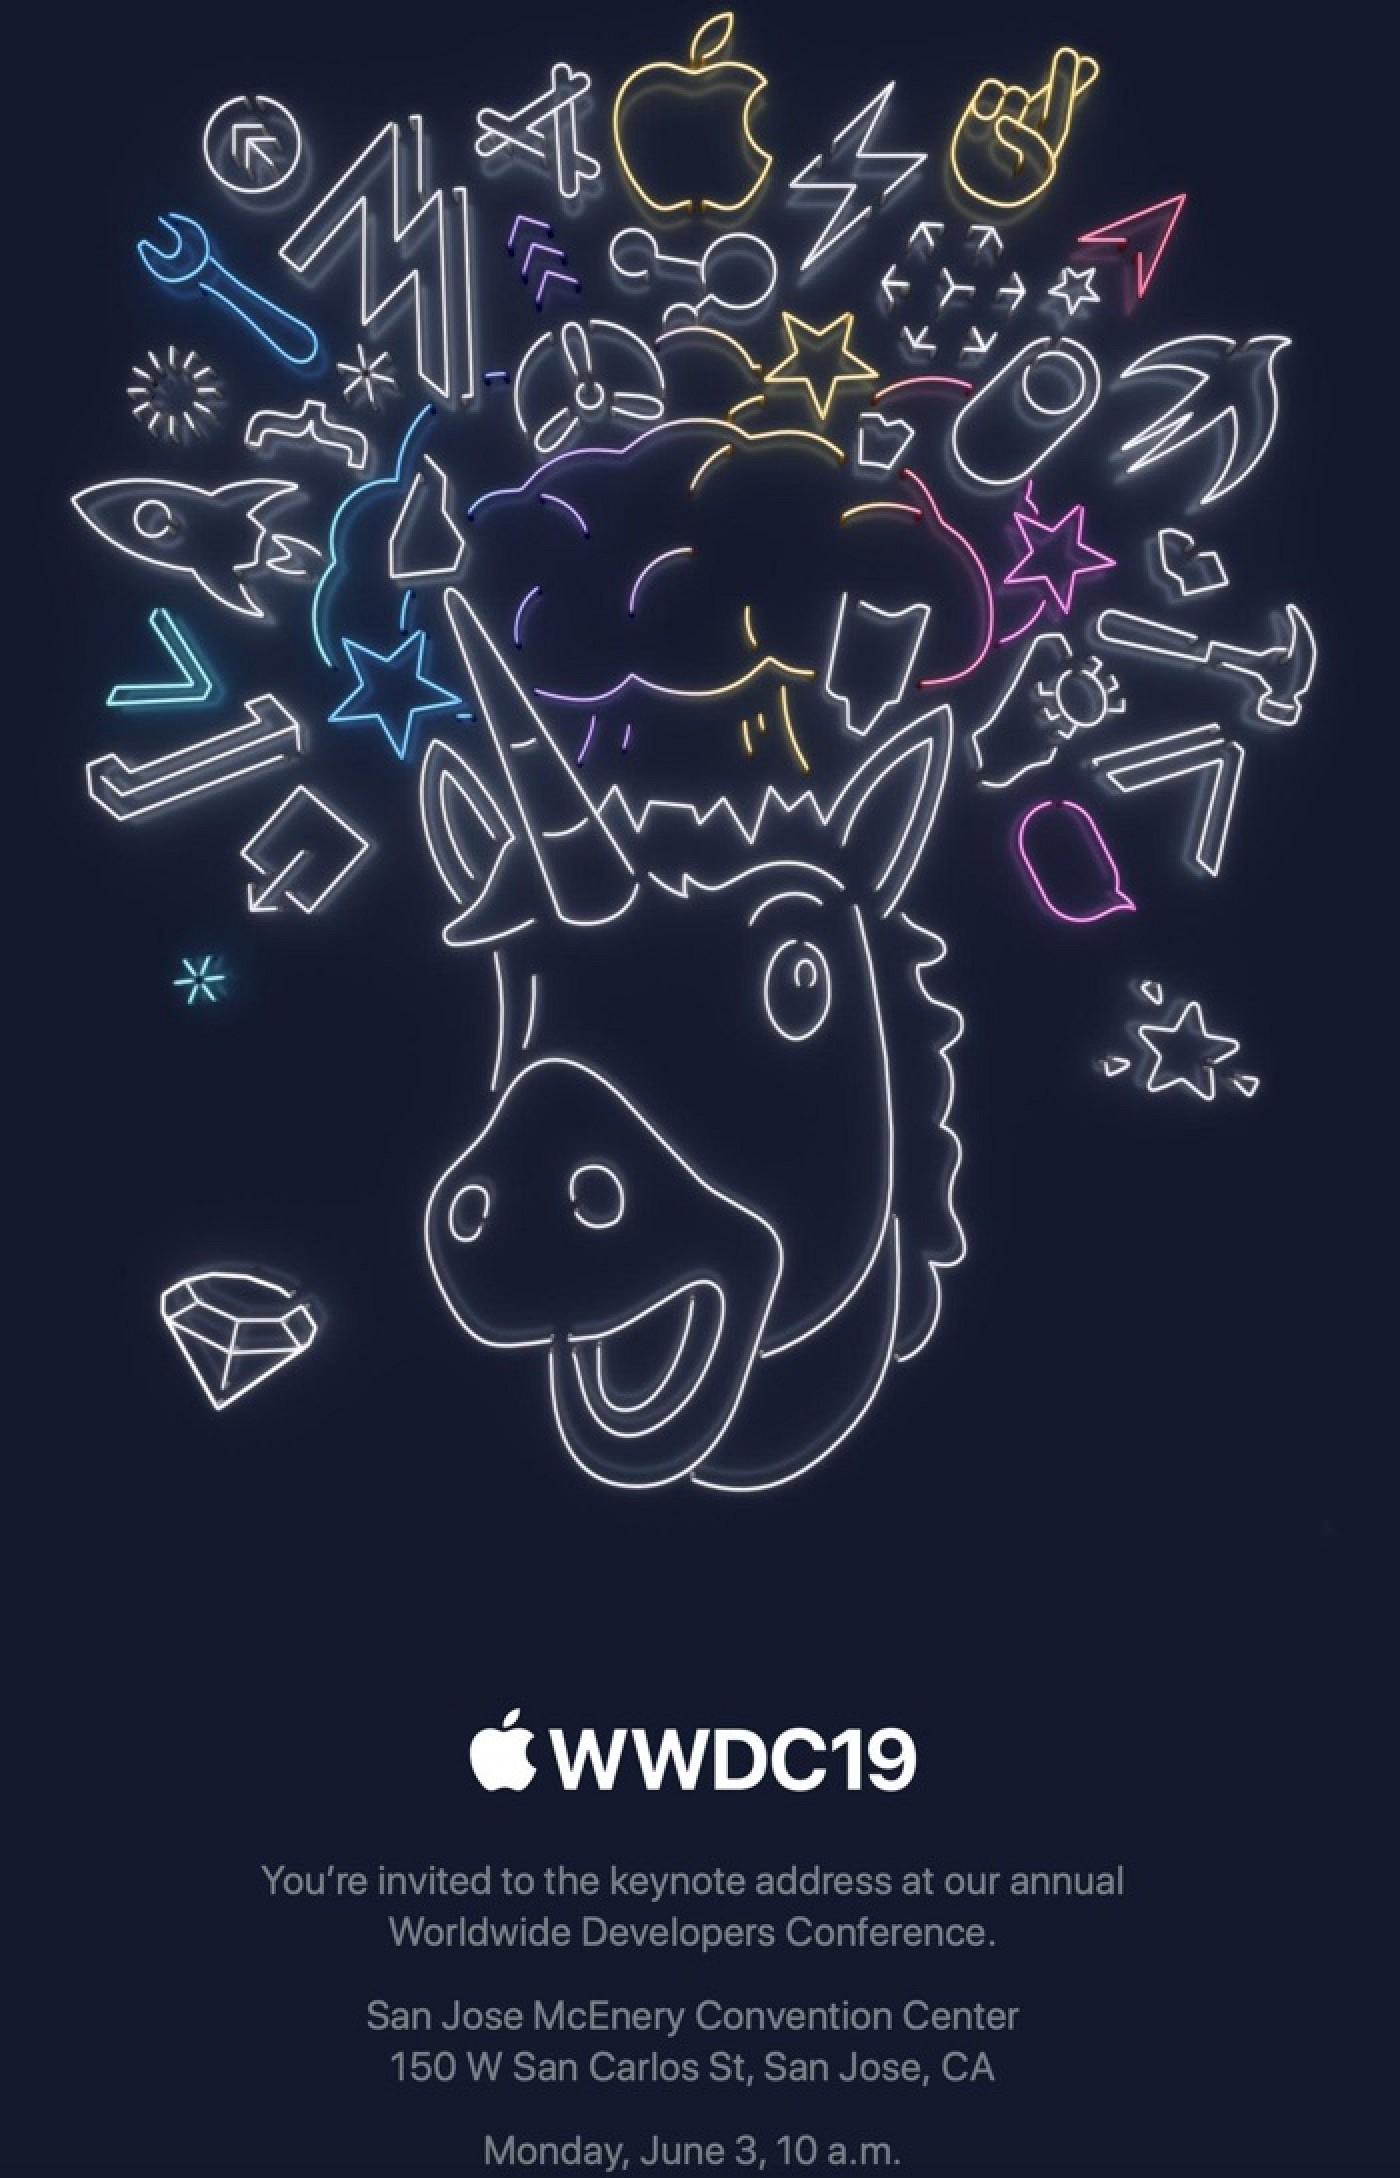 Apple обновляет приложение WWDC с настраиваемыми значками, скрытой информацией о сеансе и стикерами iMessage